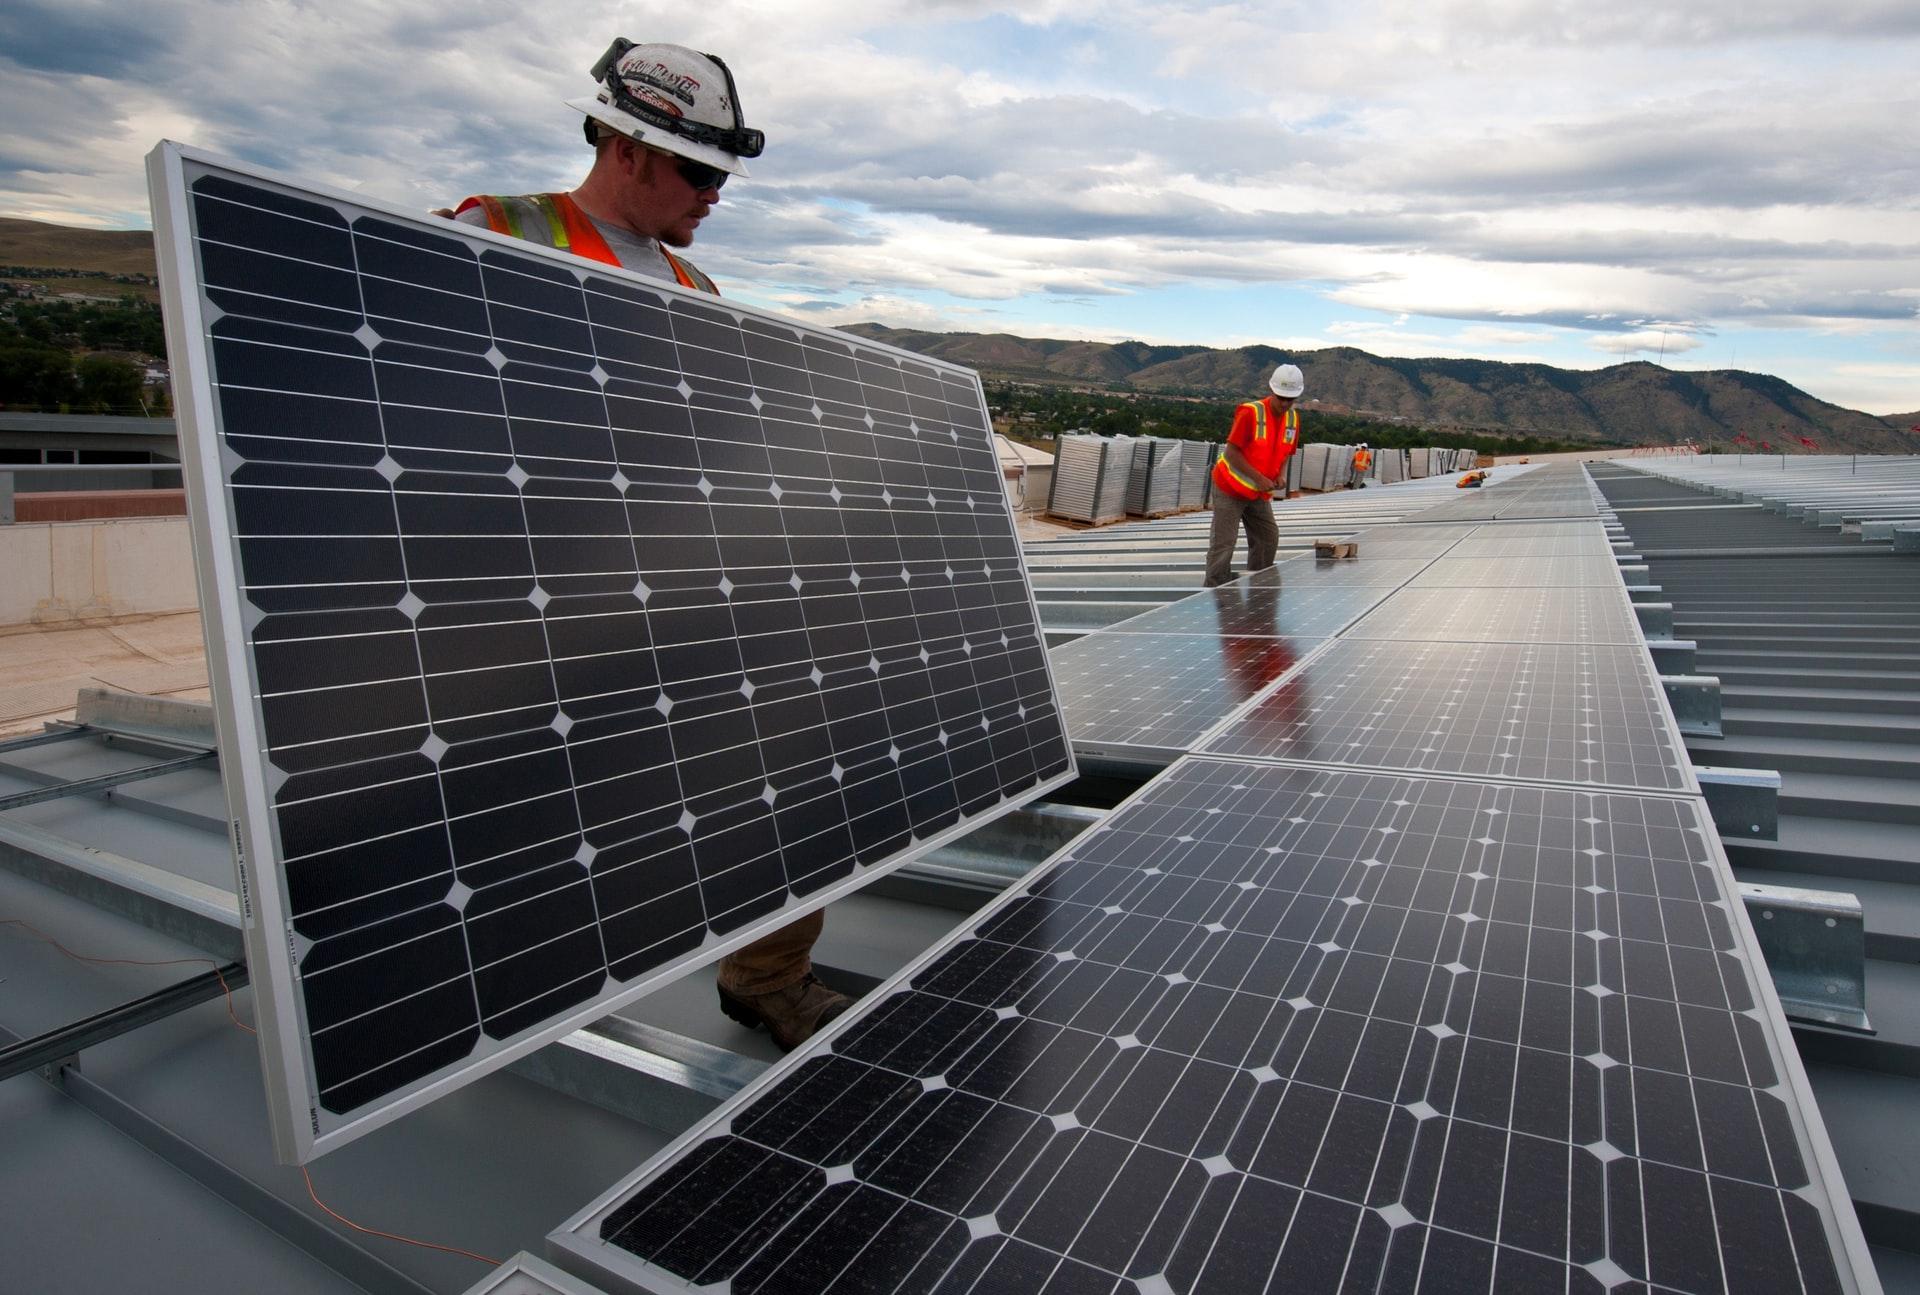 環境省が太陽光&蓄電池の導入支援。企業の自家消費を後押し